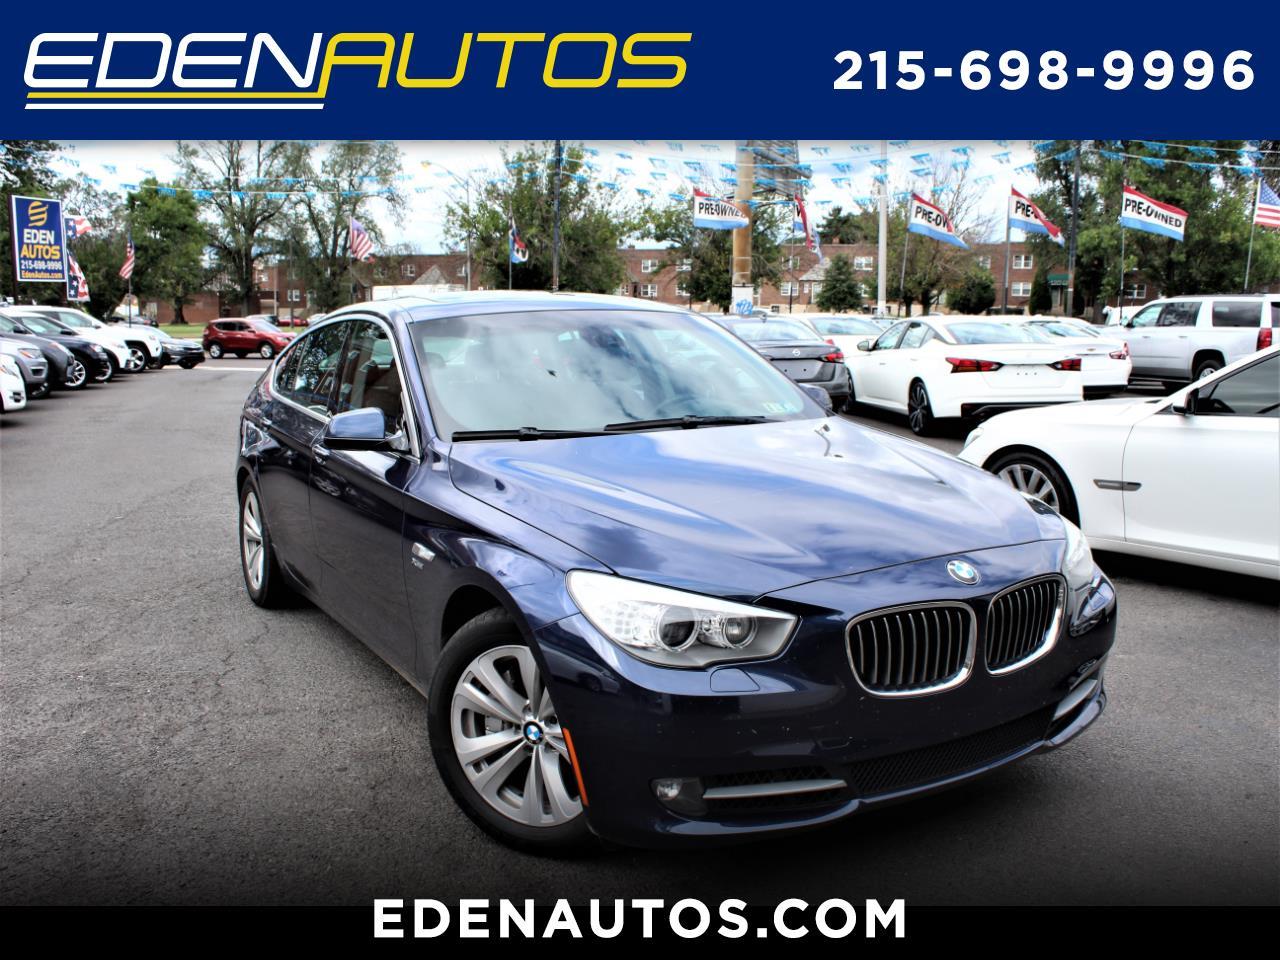 BMW 5 Series Gran Turismo 5dr 535i xDrive Gran Turismo AWD 2011